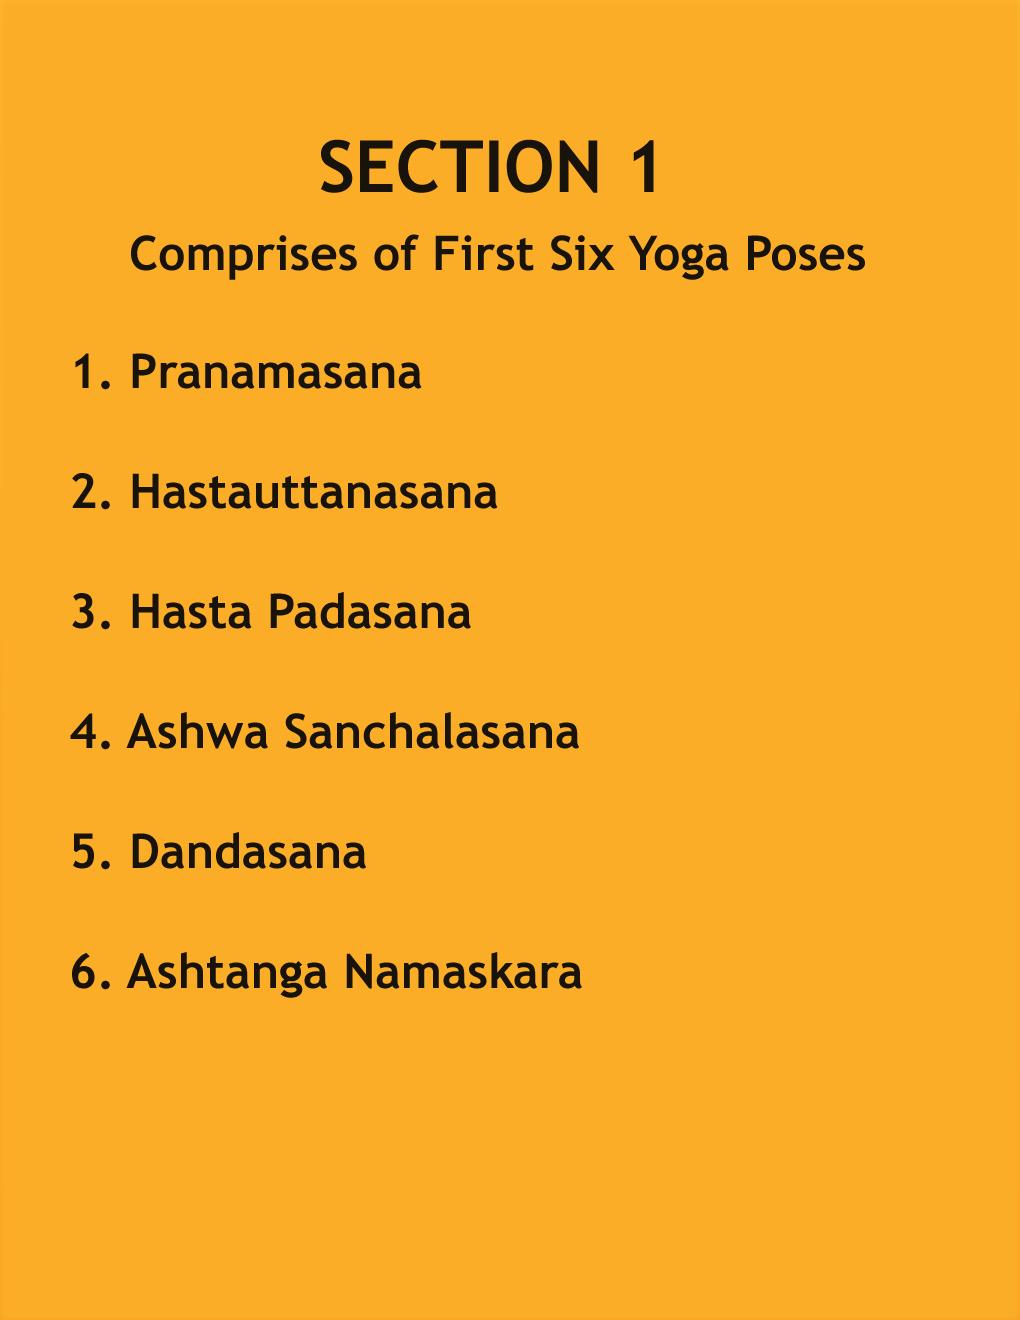 Surya Namaskar Yoga Poses